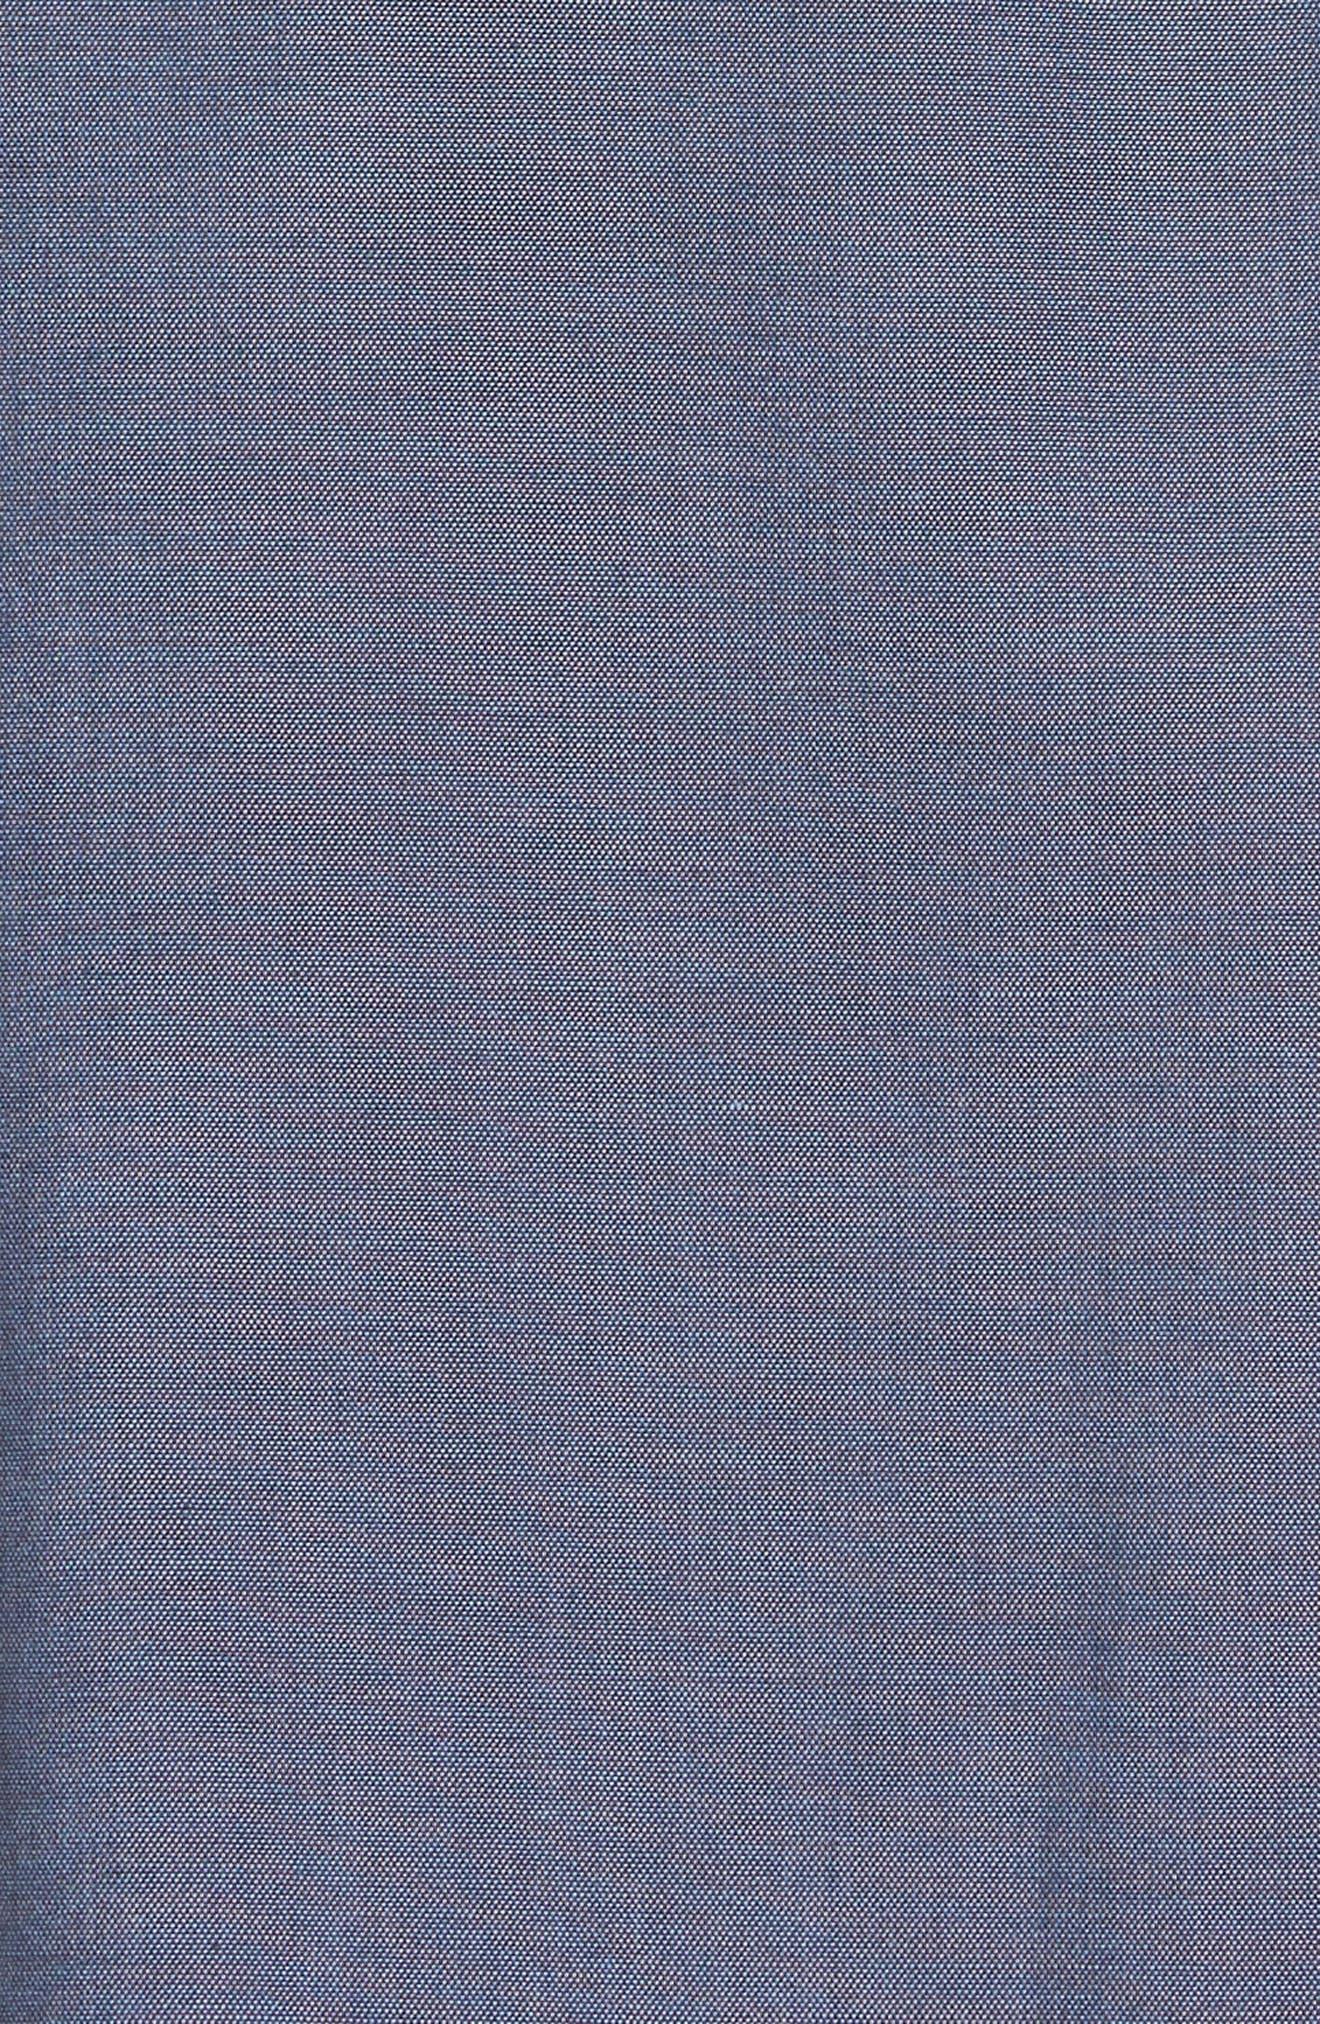 Denim Faux Wrap Dress,                             Alternate thumbnail 5, color,